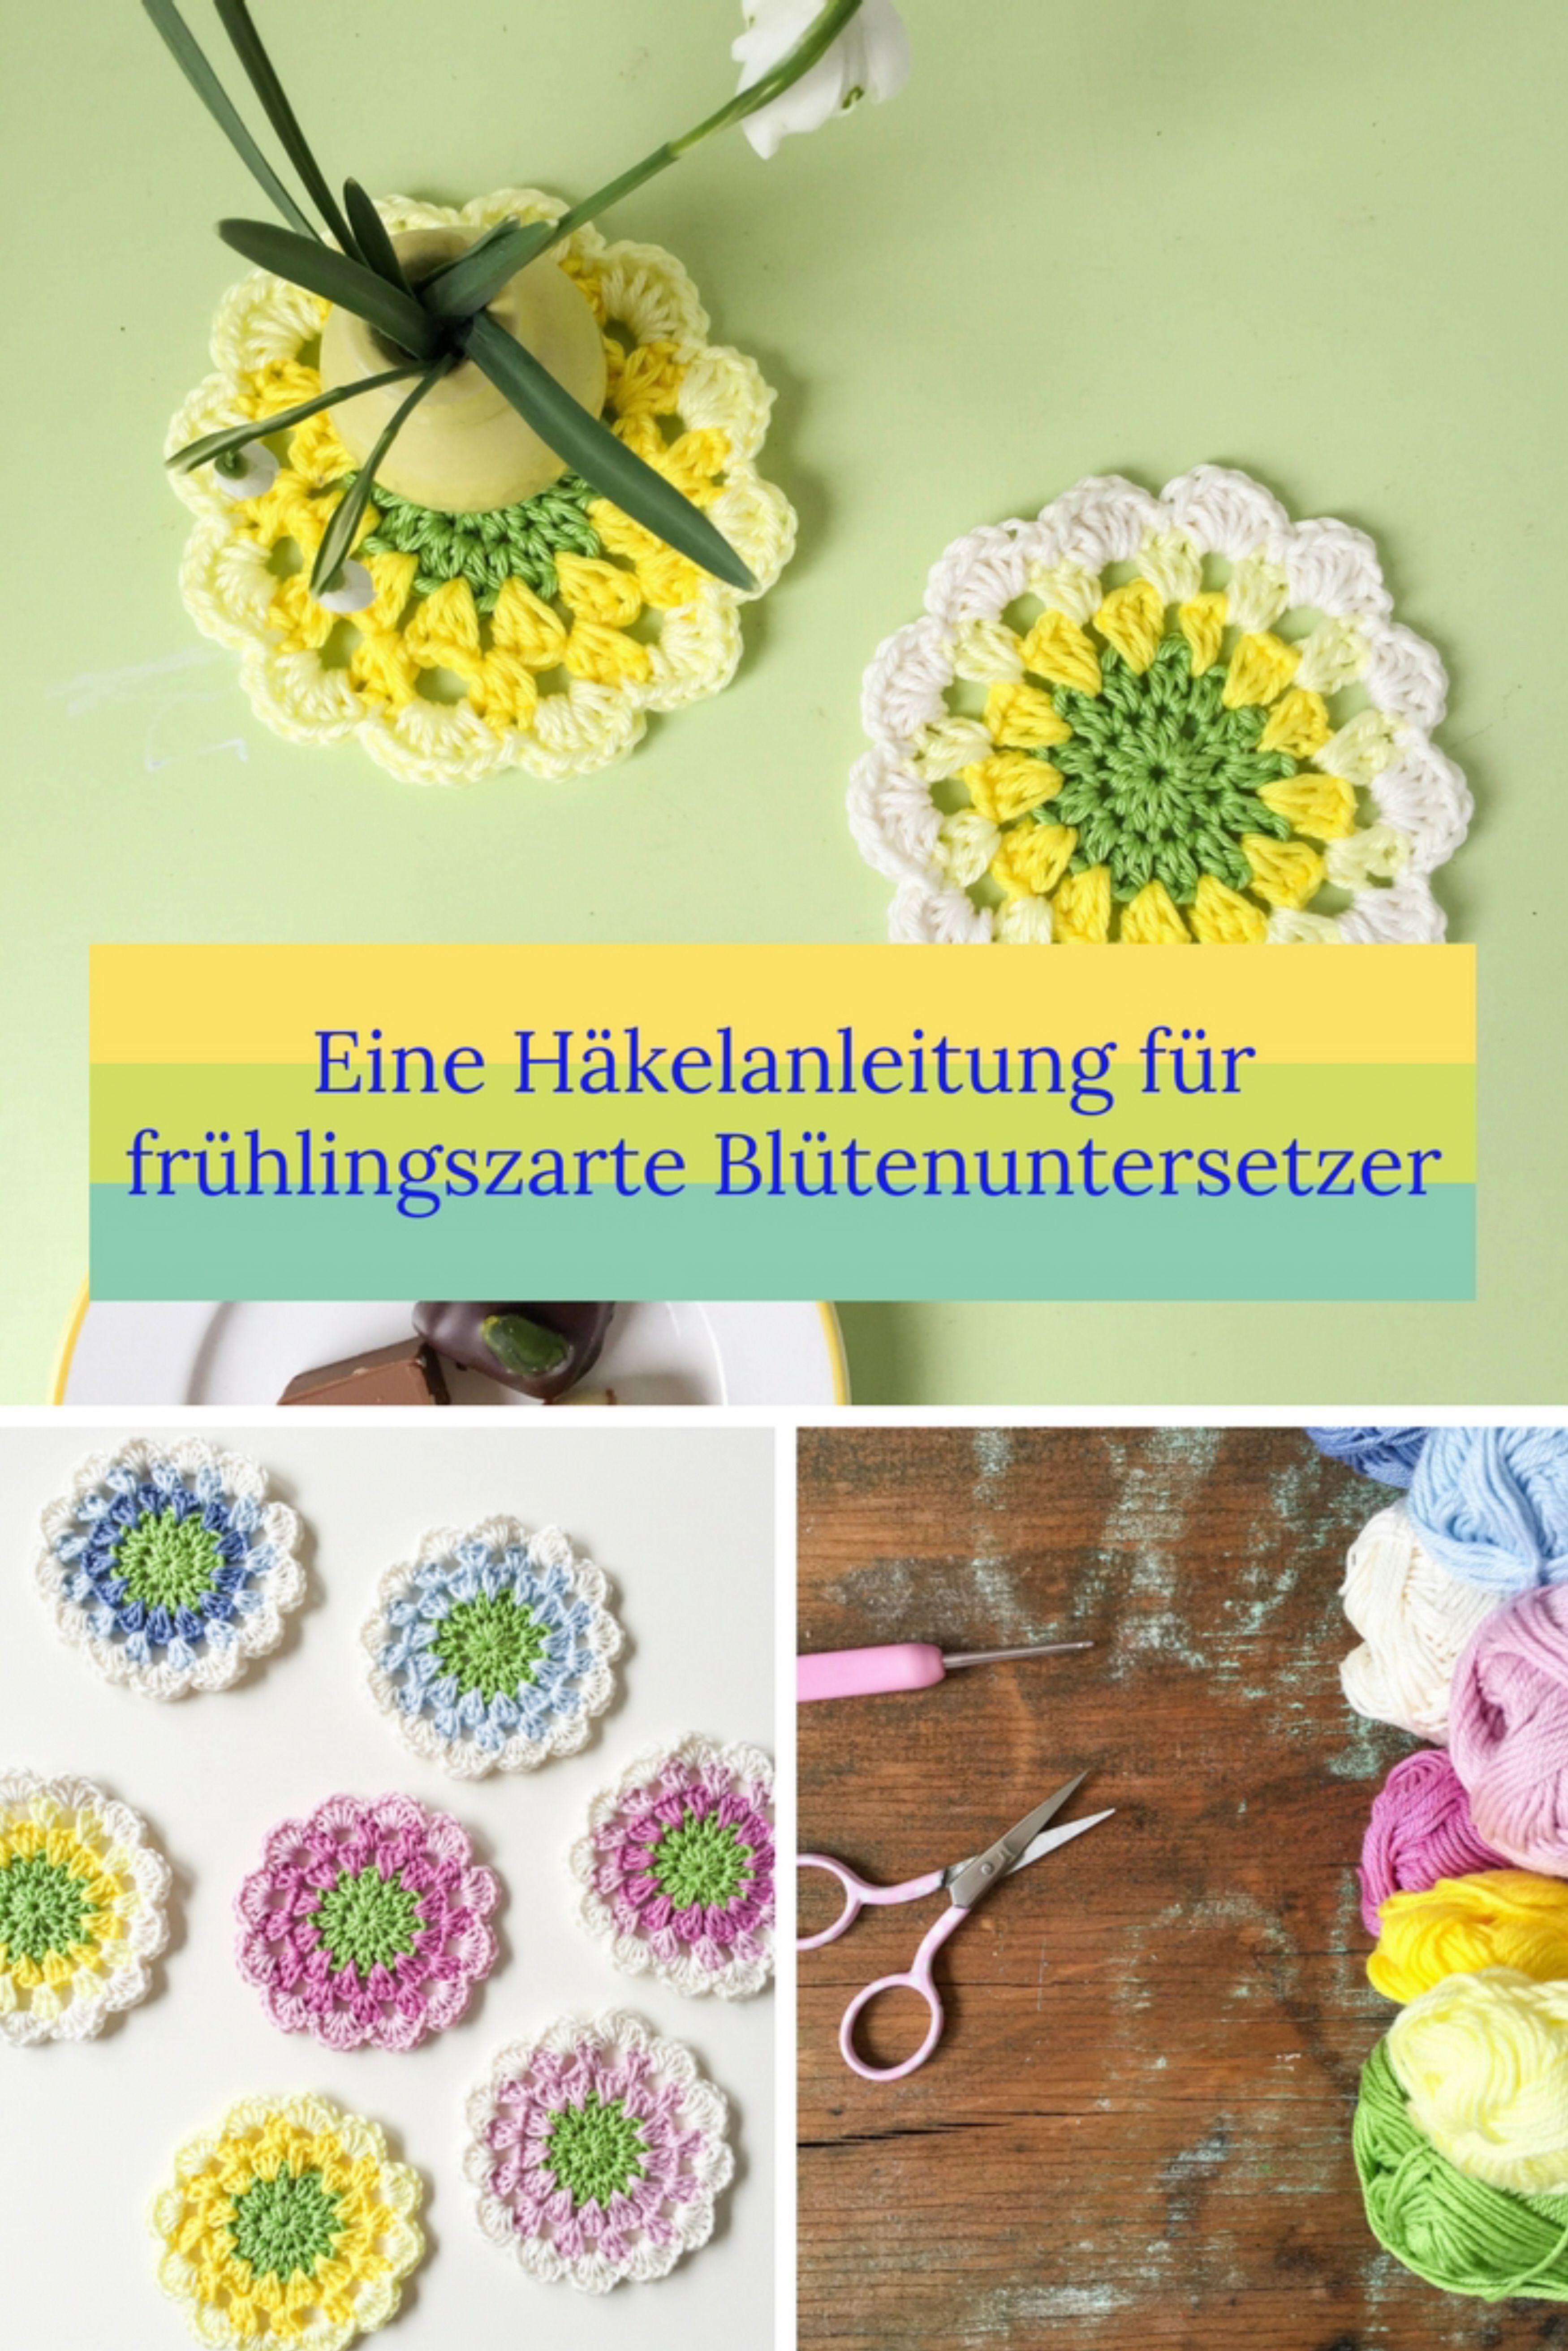 Eine Häkelanleitung Für Frühlingszarte Blumenuntersetzer Die